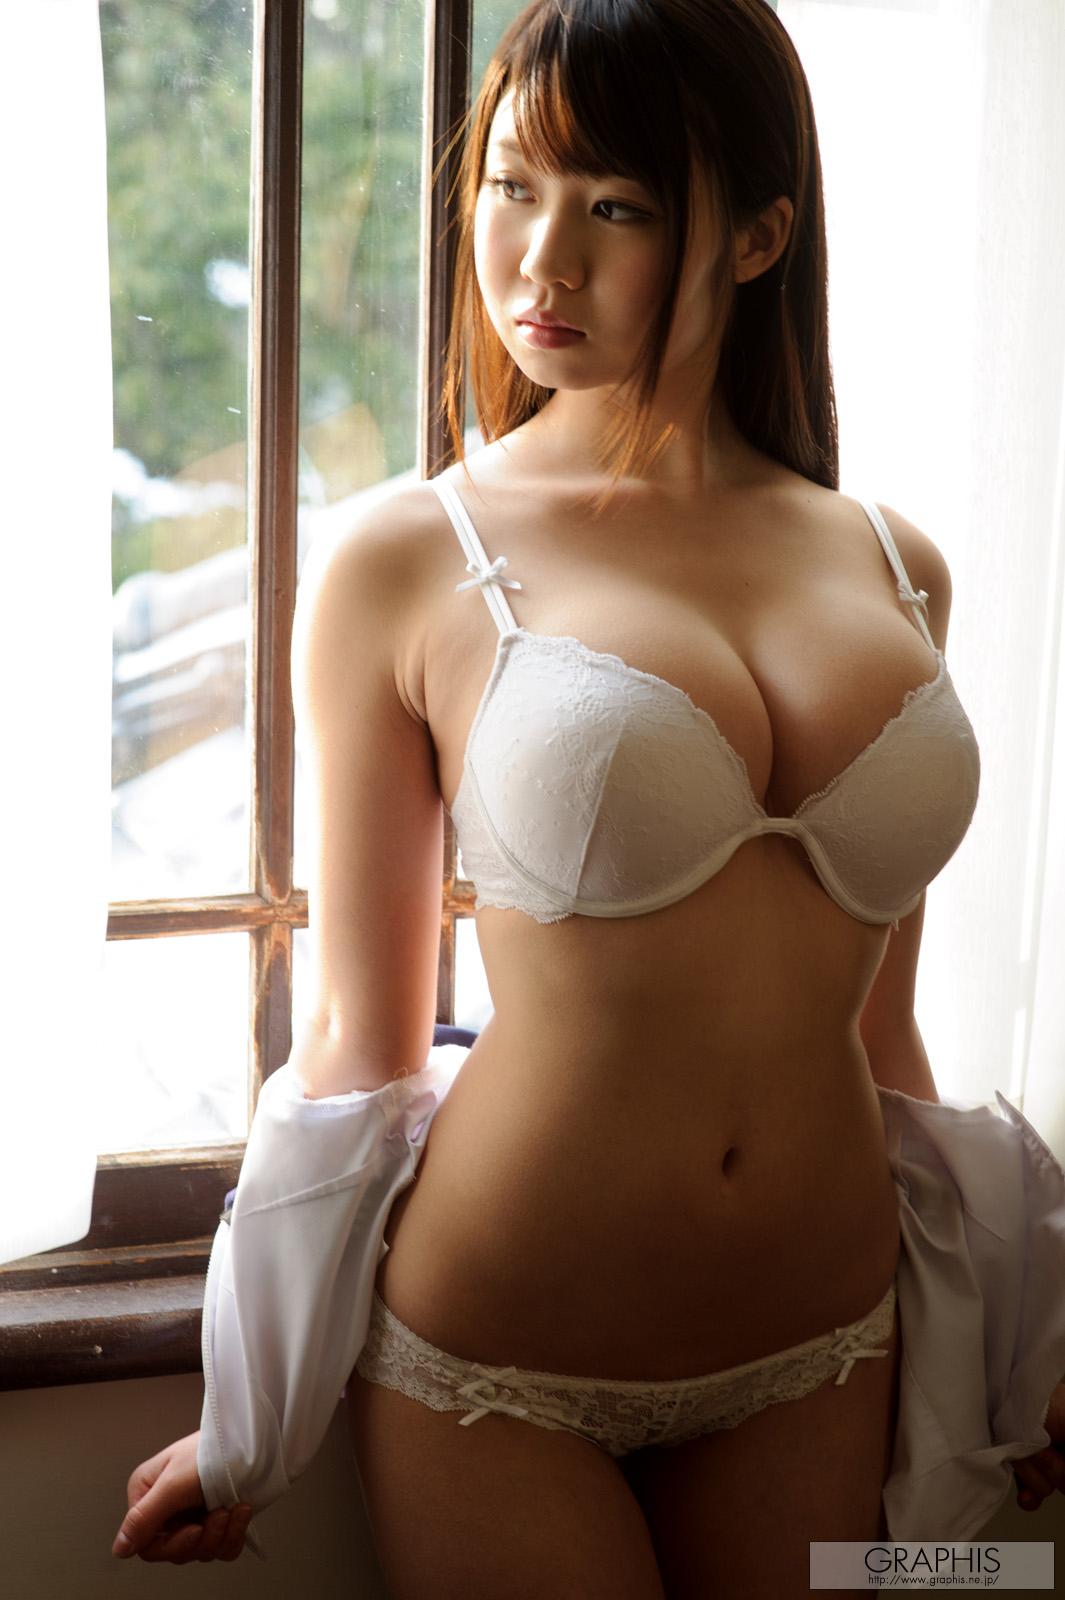 Aika yumeno nude